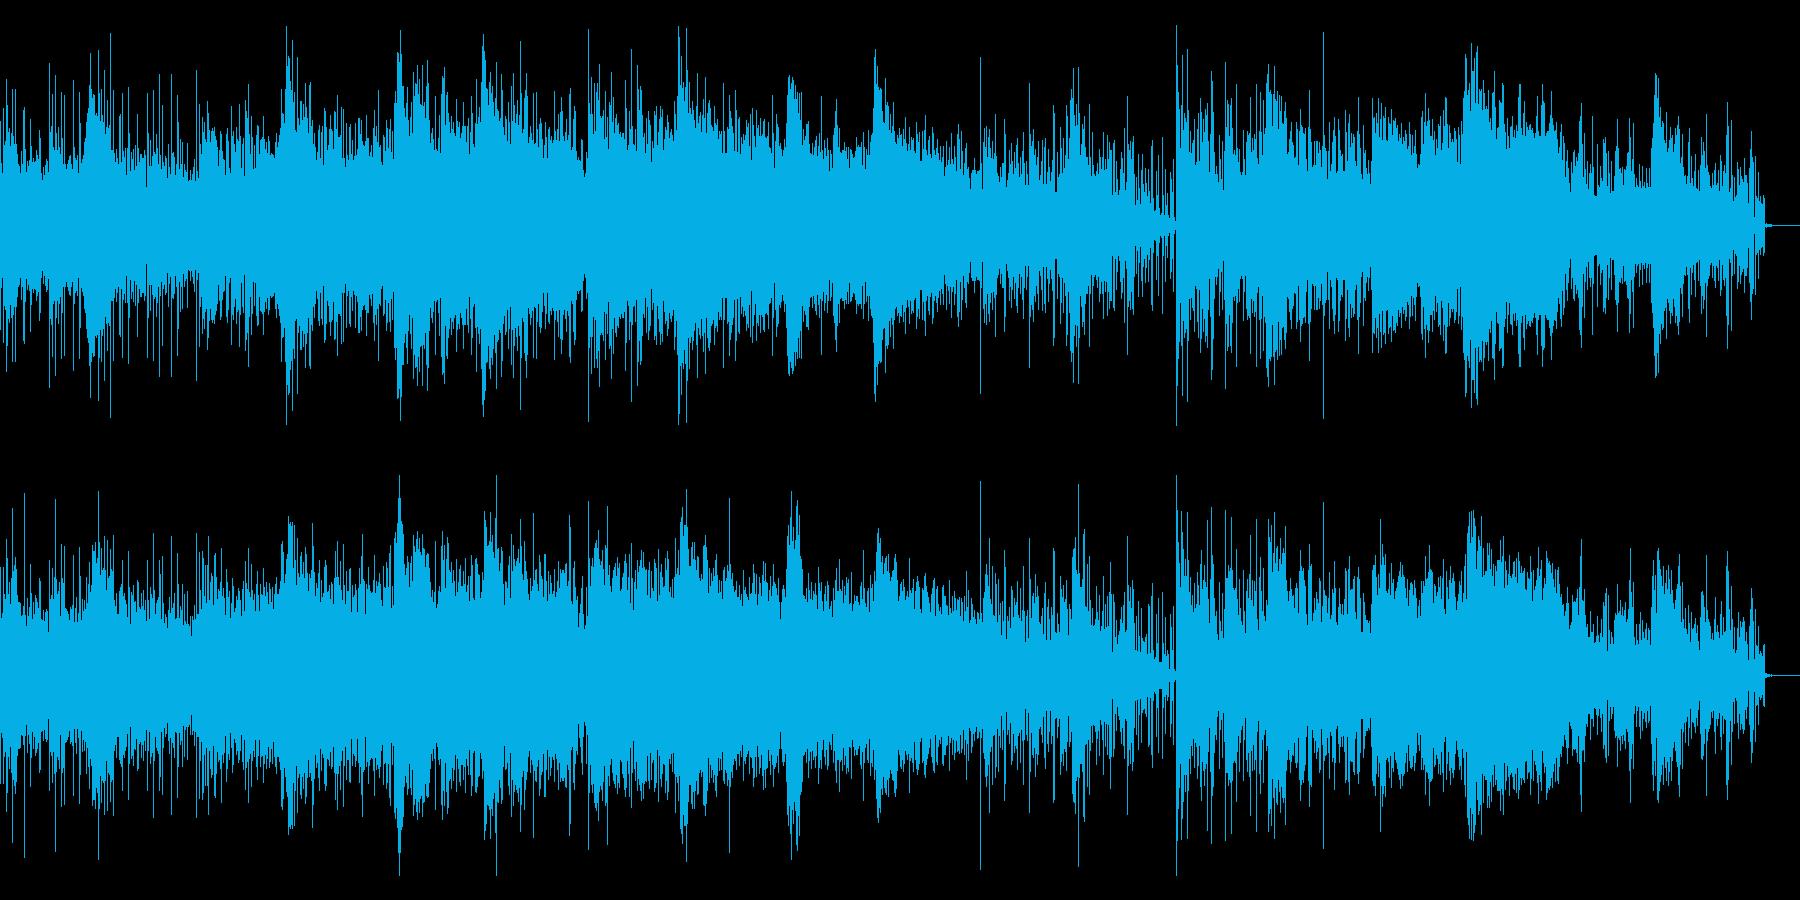 不思議でグリッジなエレクトロニカ、IDMの再生済みの波形